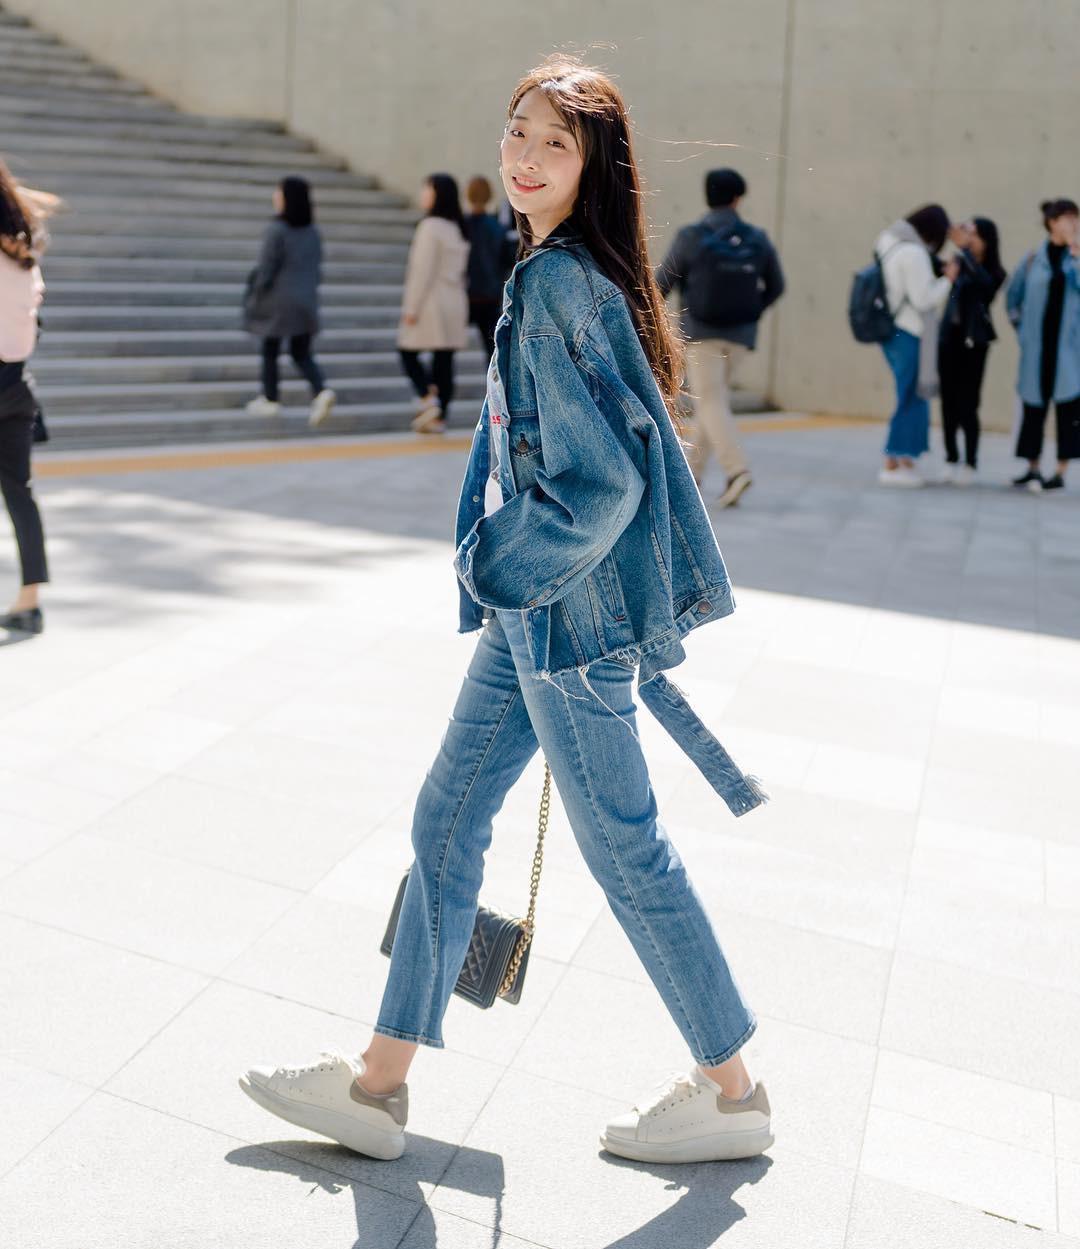 Street style giới trẻ Hàn tuần qua chứng minh: mix đồ đơn giản, thoải mái luôn là đẹp và cool nhất - Ảnh 2.